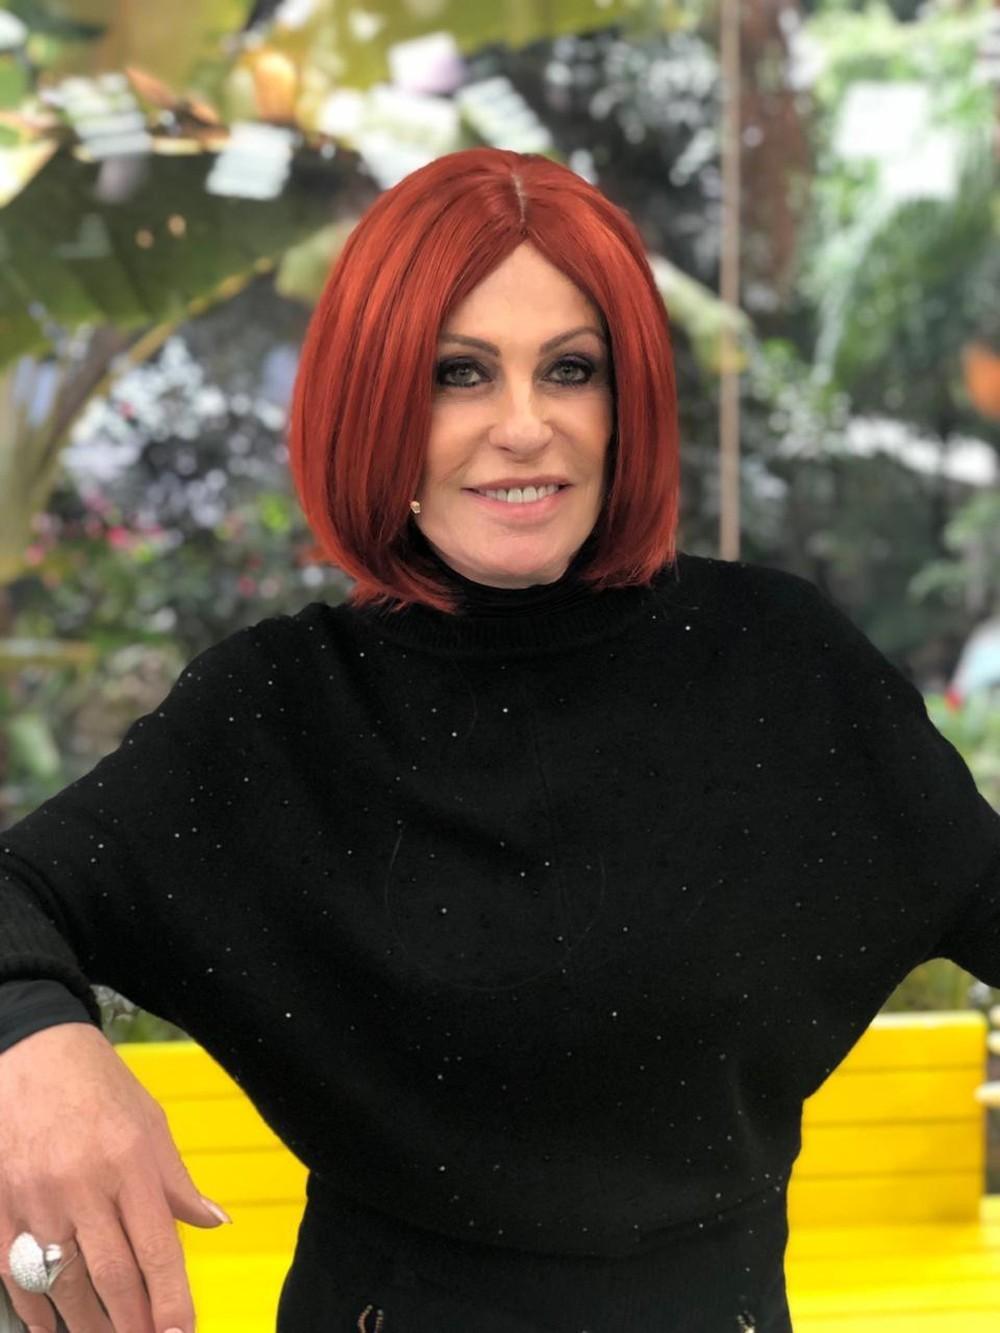 Ana Maria Braga surge com peruca ruiva no 'Mais Você' da Globo Foto: Reprodução